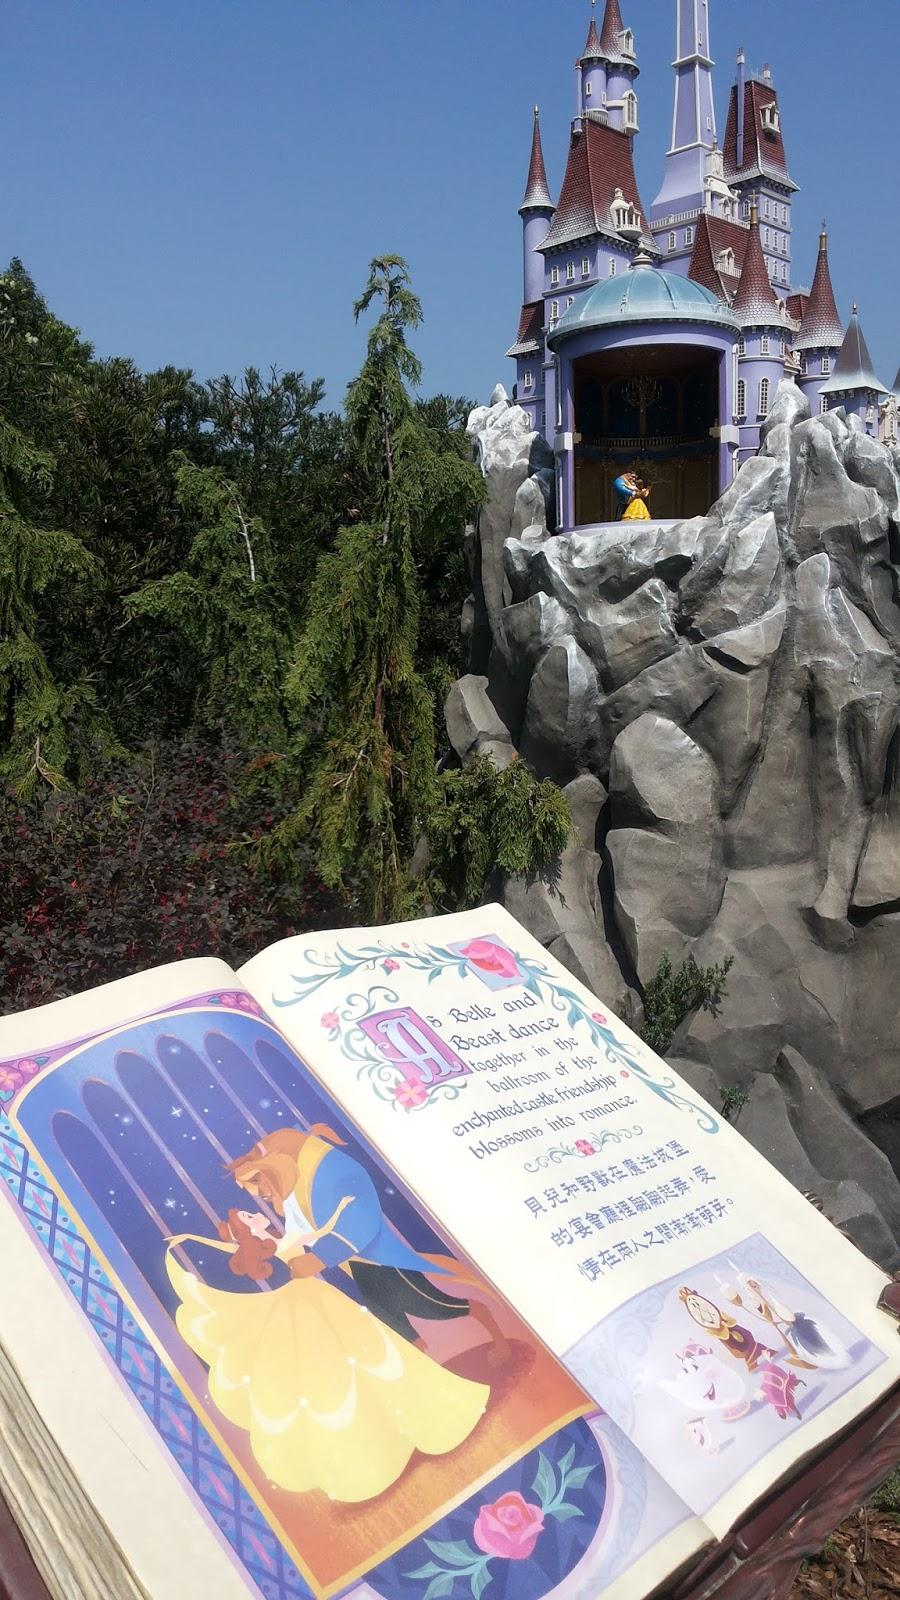 Mari Kita Menulis Hong Kong Trip Liburan Yang Menyenangkan Disneyland Hk With Meal 2in1 Dewasa Ternyata Liat Kamera Dan Handphone Banyak Spot Saya Lupa Ambil Gambarnya Huuhuhuhuhu Saking Sekeluarga Menikmati Seharian Di Semua